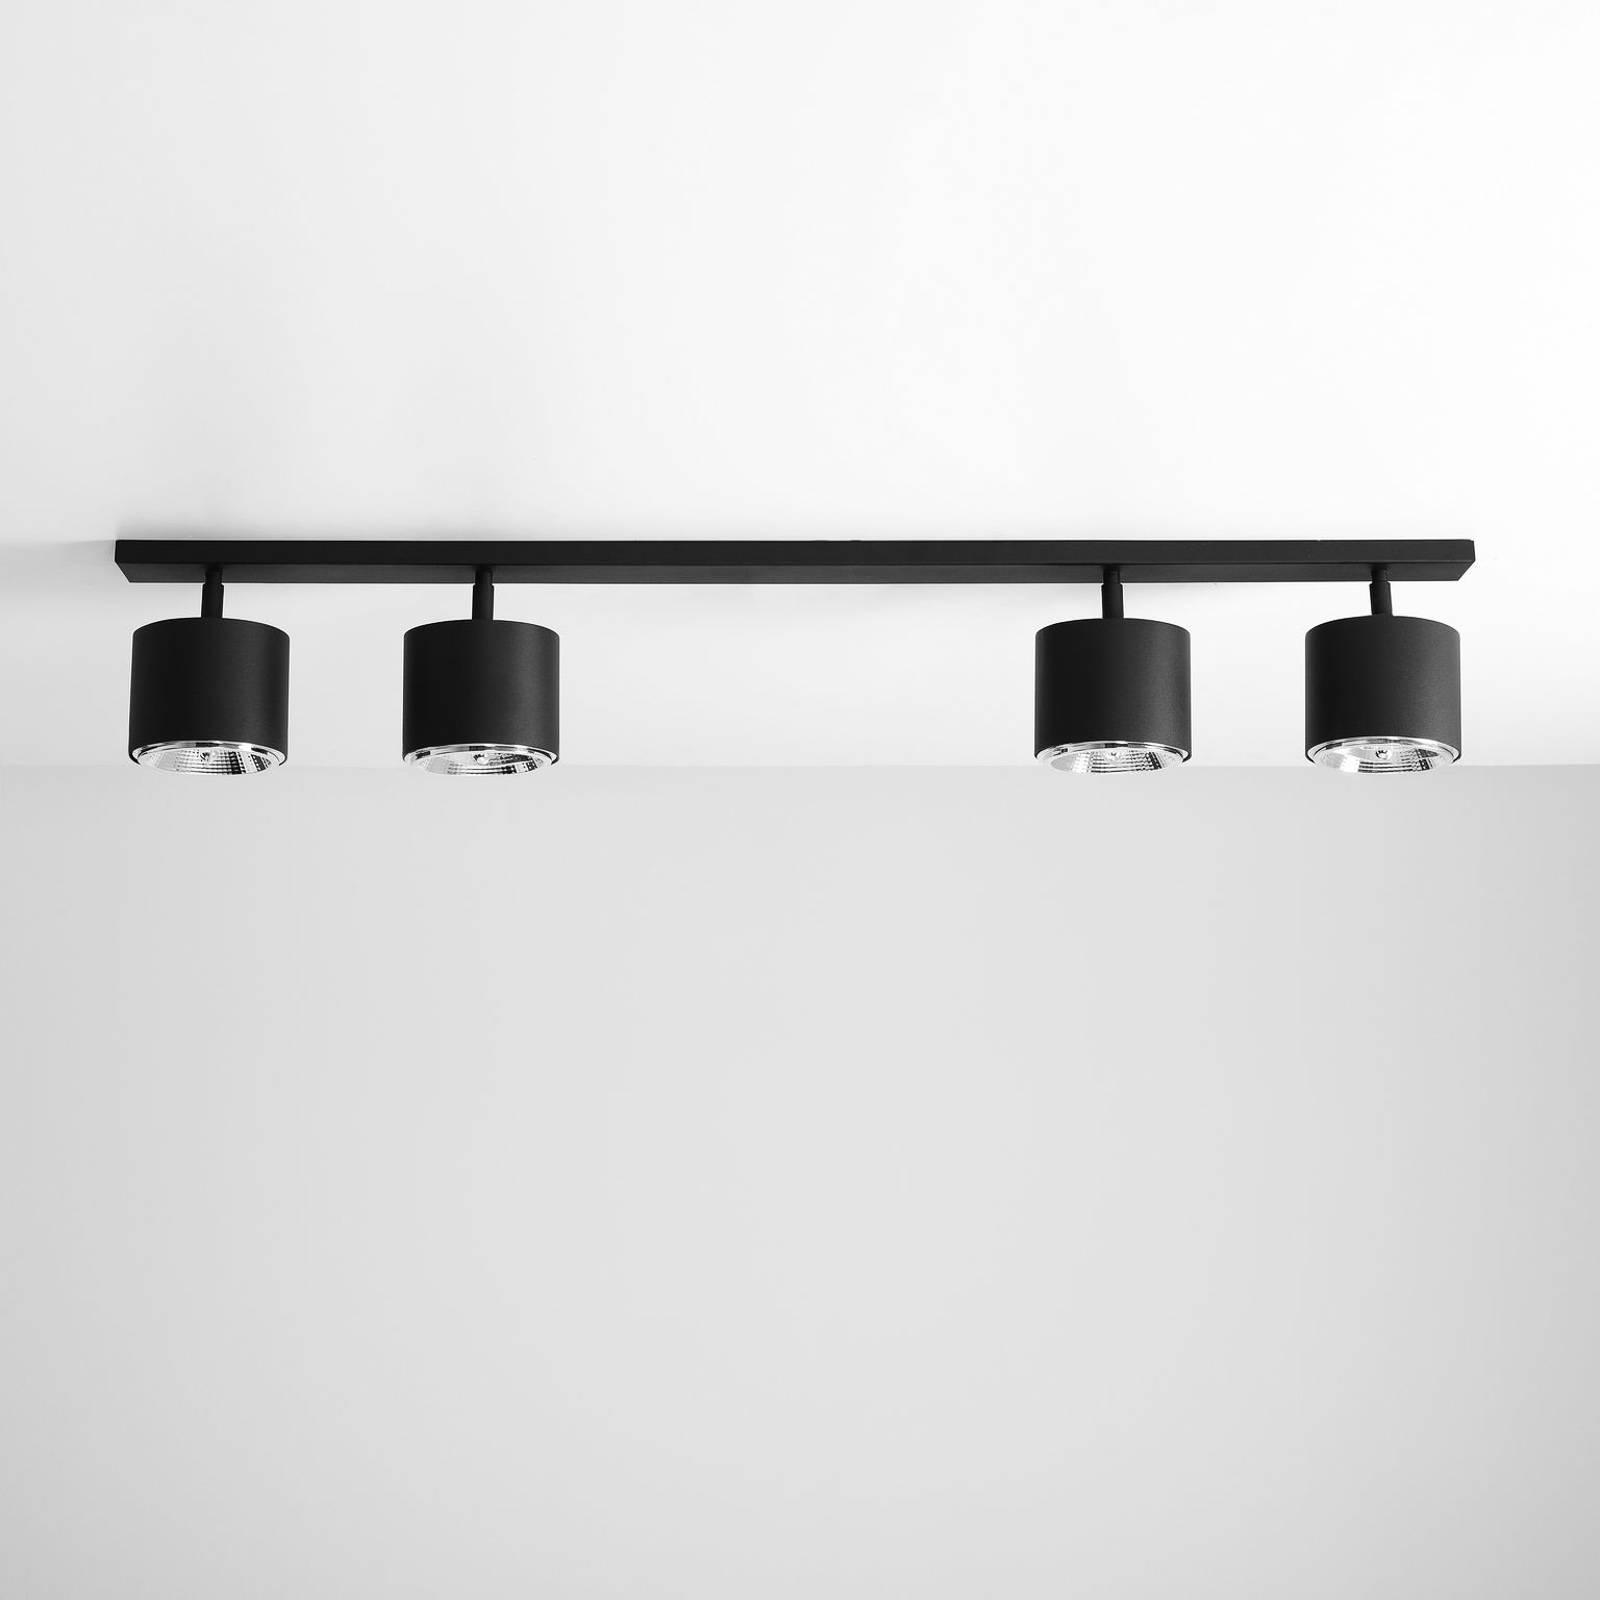 Kattospotti Bot, musta, 4-lamppuinen